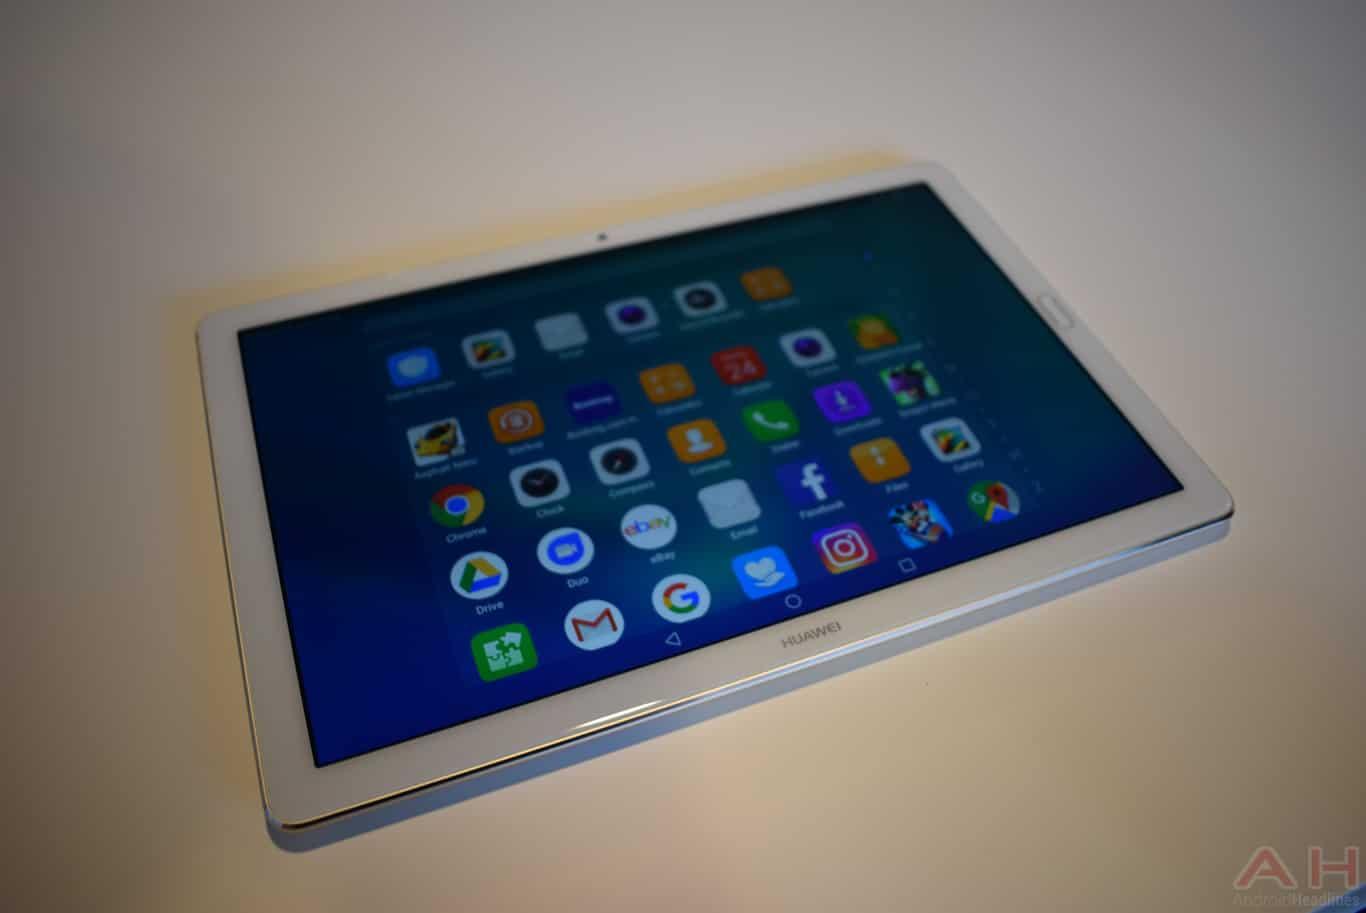 Huawei MediaPad M5 MWC 18 AM AH 3